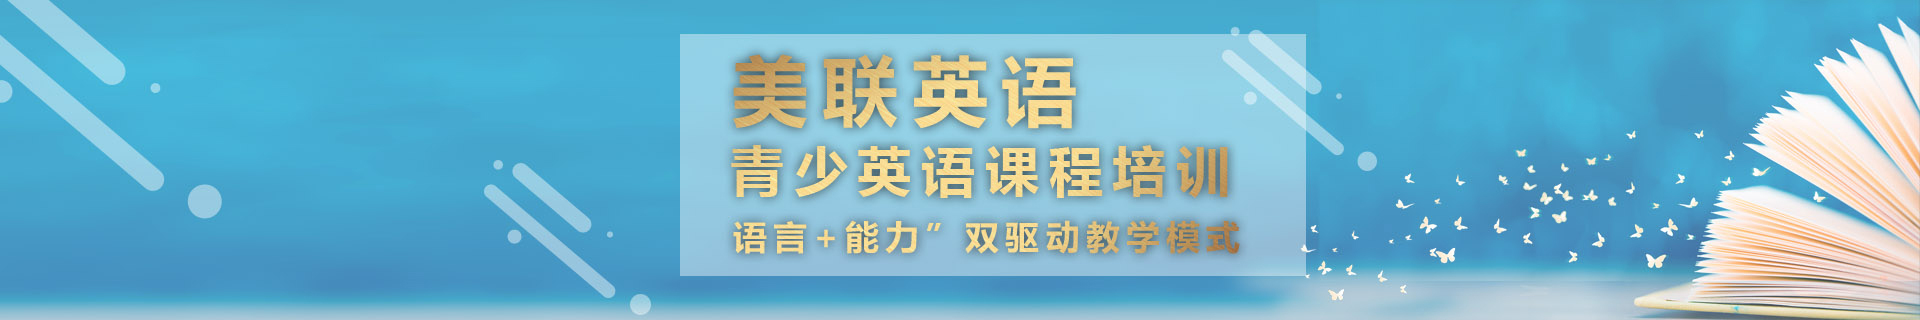 北京双井美联英语培训